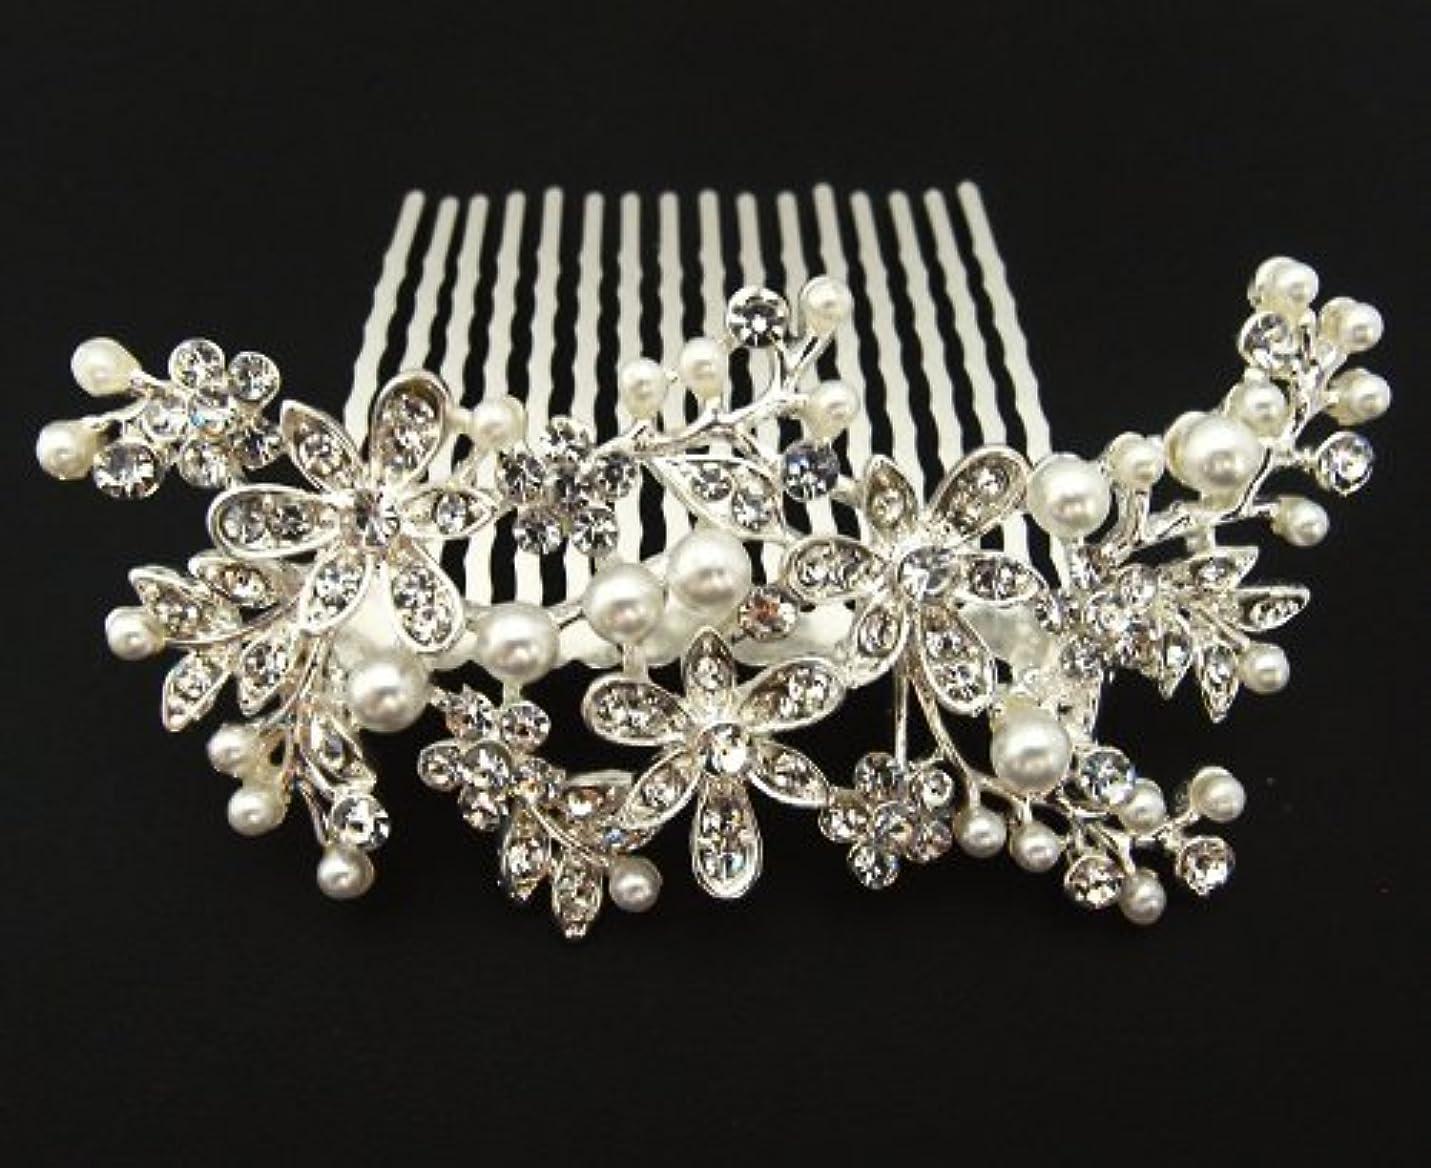 低下広々ドレインbeautiful white Silver Color bridal wedding hair comb pearl and crystal #5 [並行輸入品]